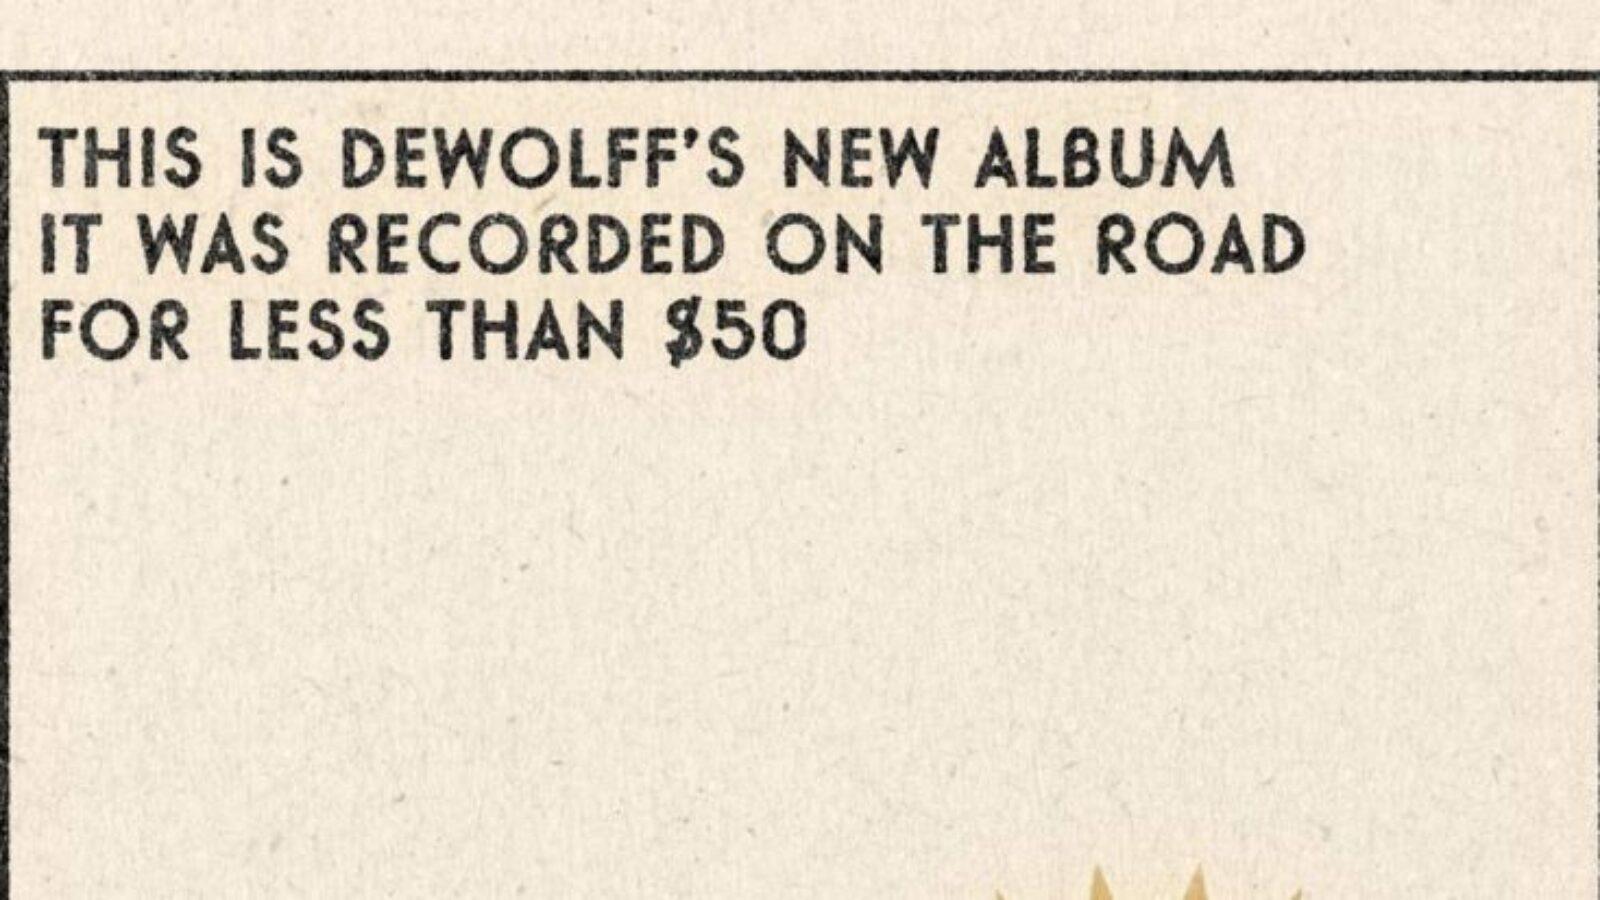 dewolff71JP91X3JLL._SL1200_-800x413-1